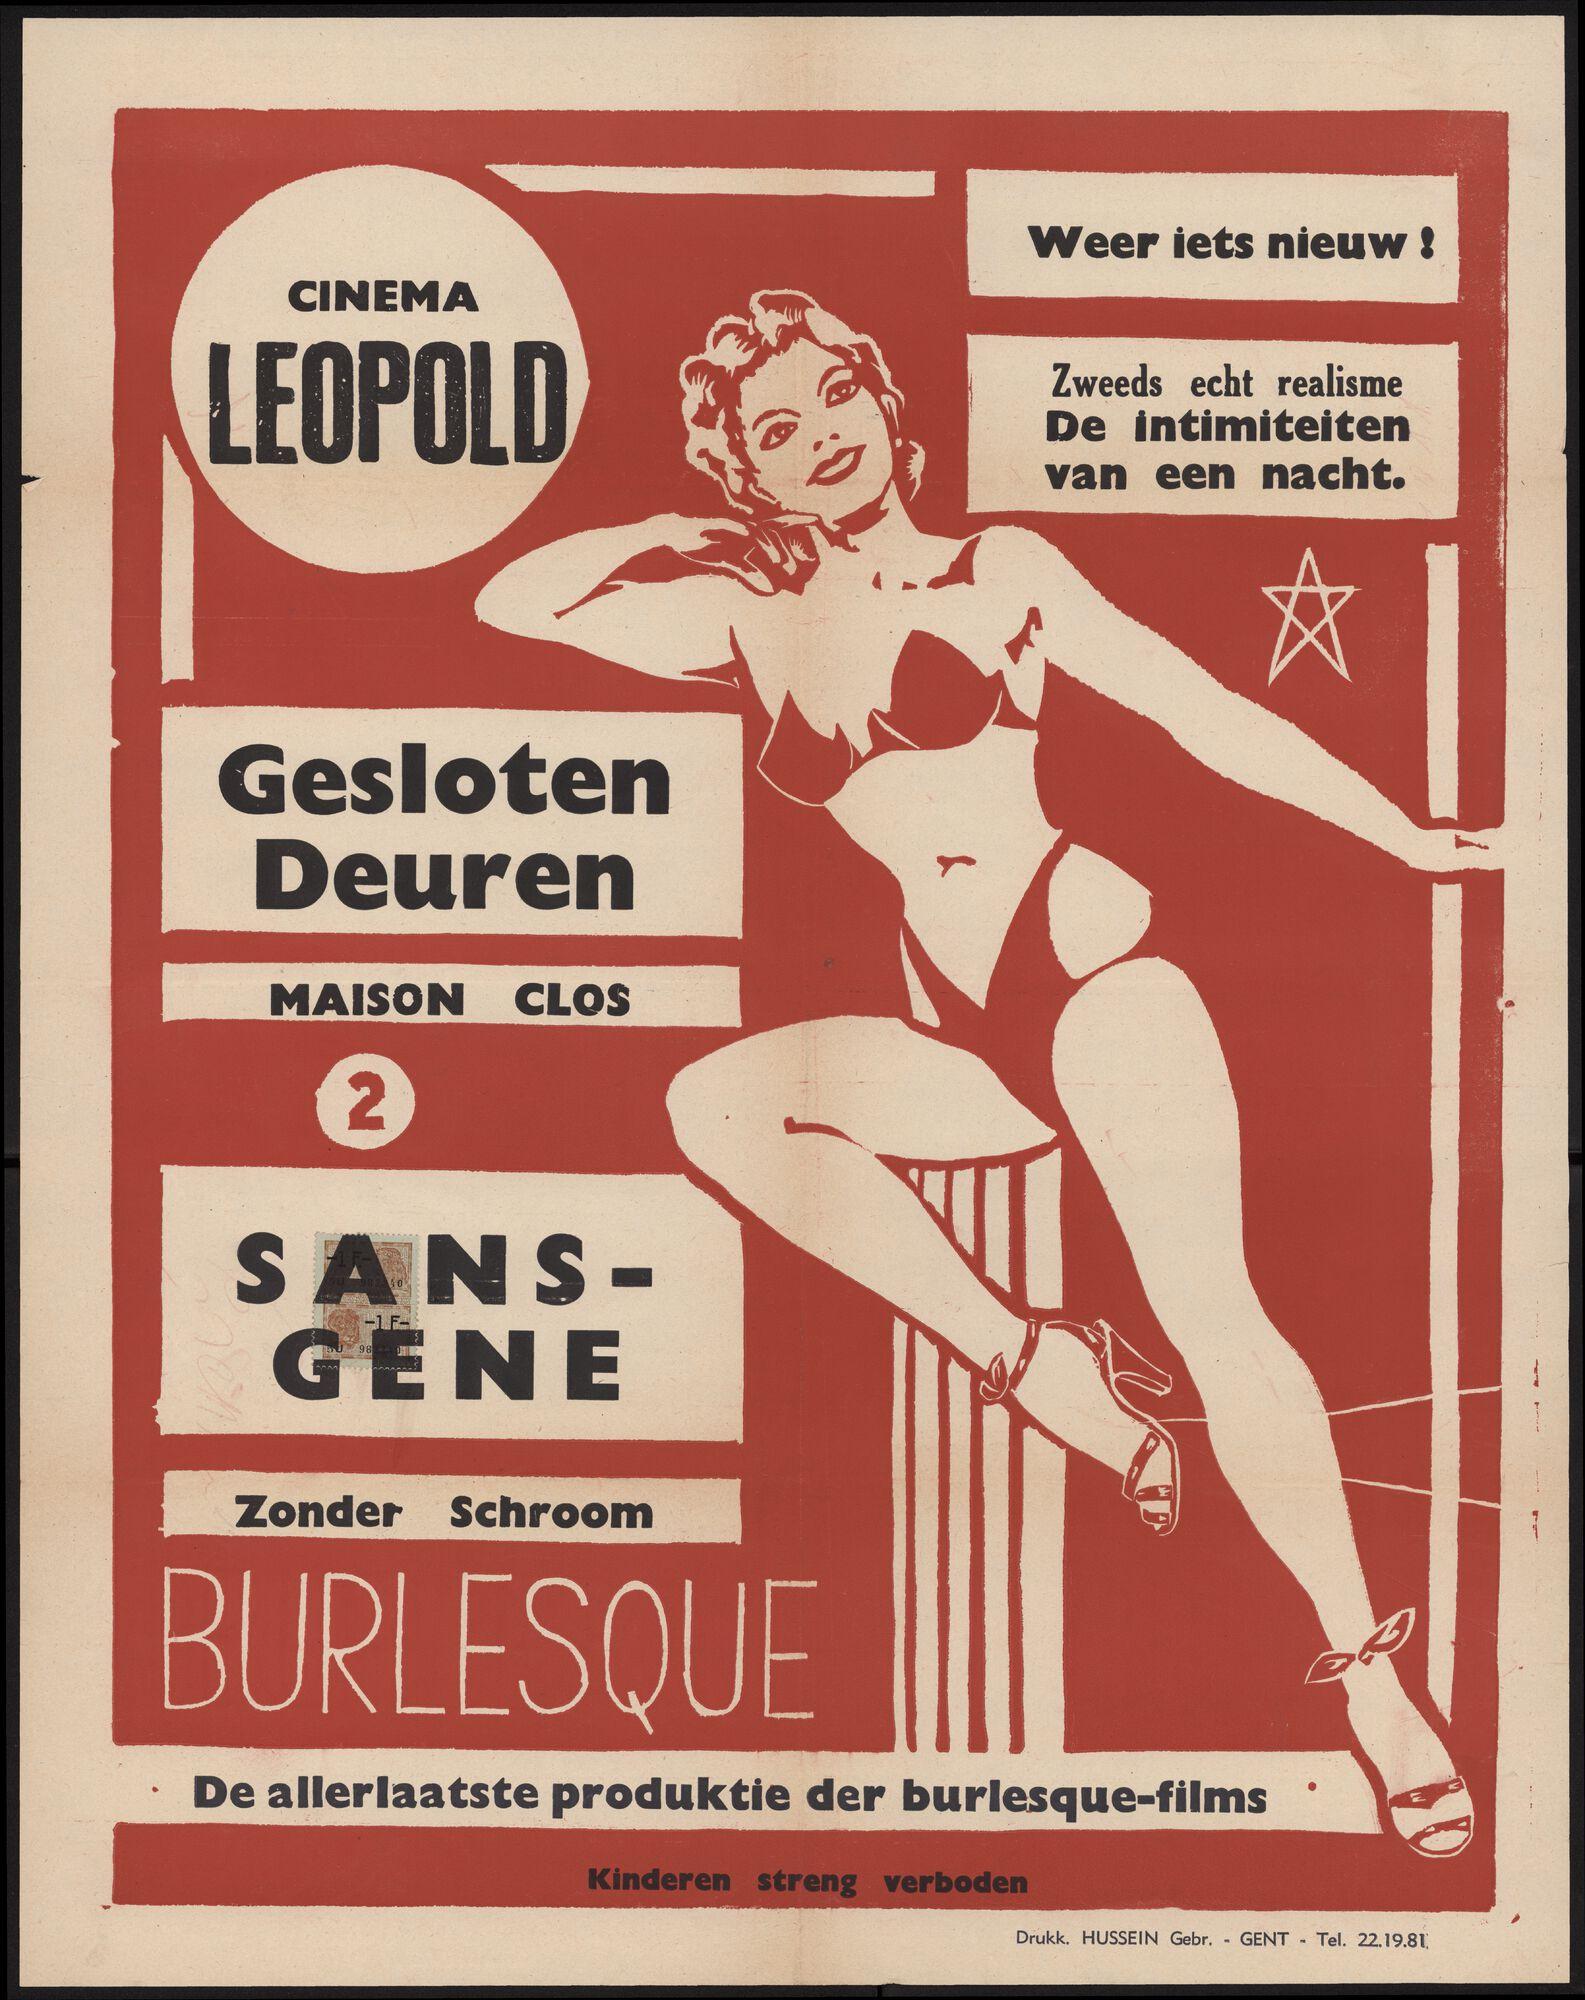 Maison clos | Gesloten deuren (film 1), Sans-gène | Zonder schroom (film 2), Cinema Leopold, Gent